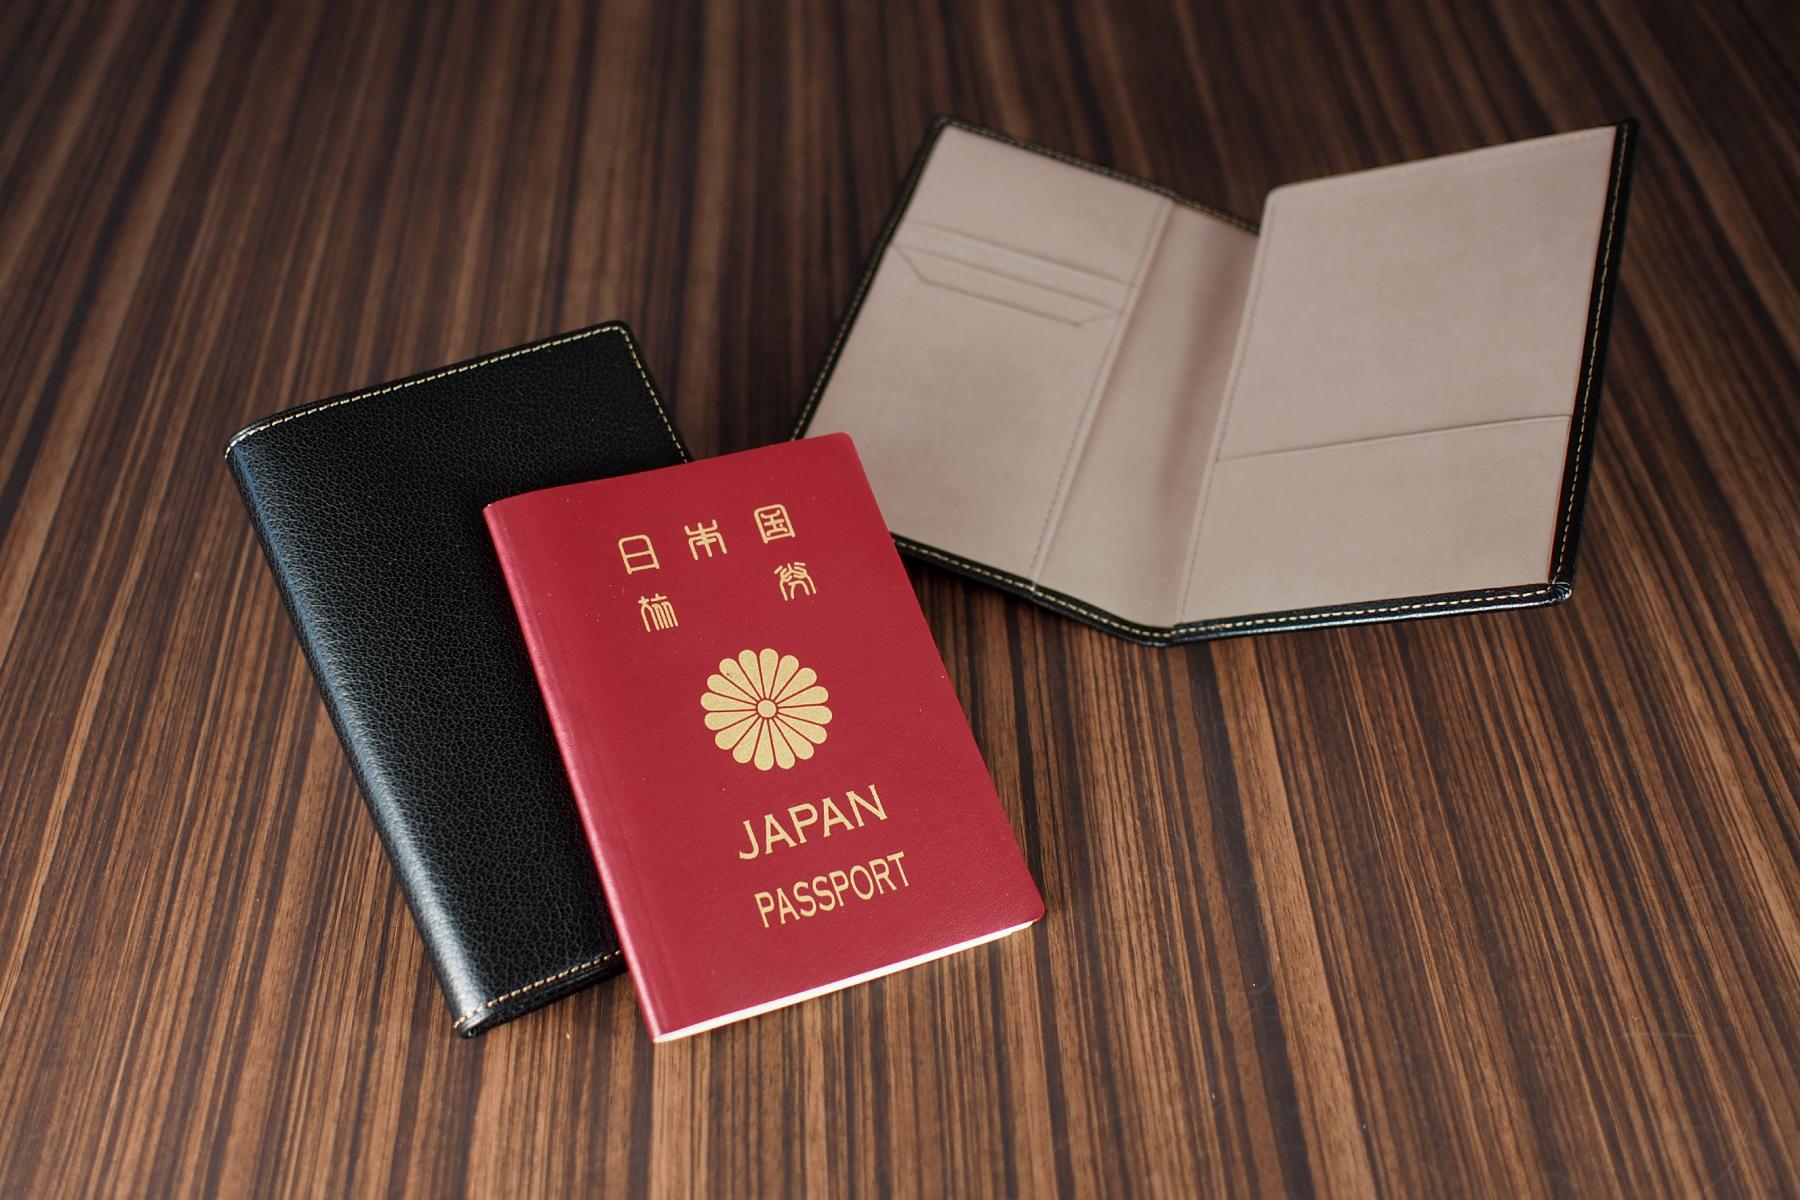 記念品として人気の本革製パスポートケース・ツートン仕様